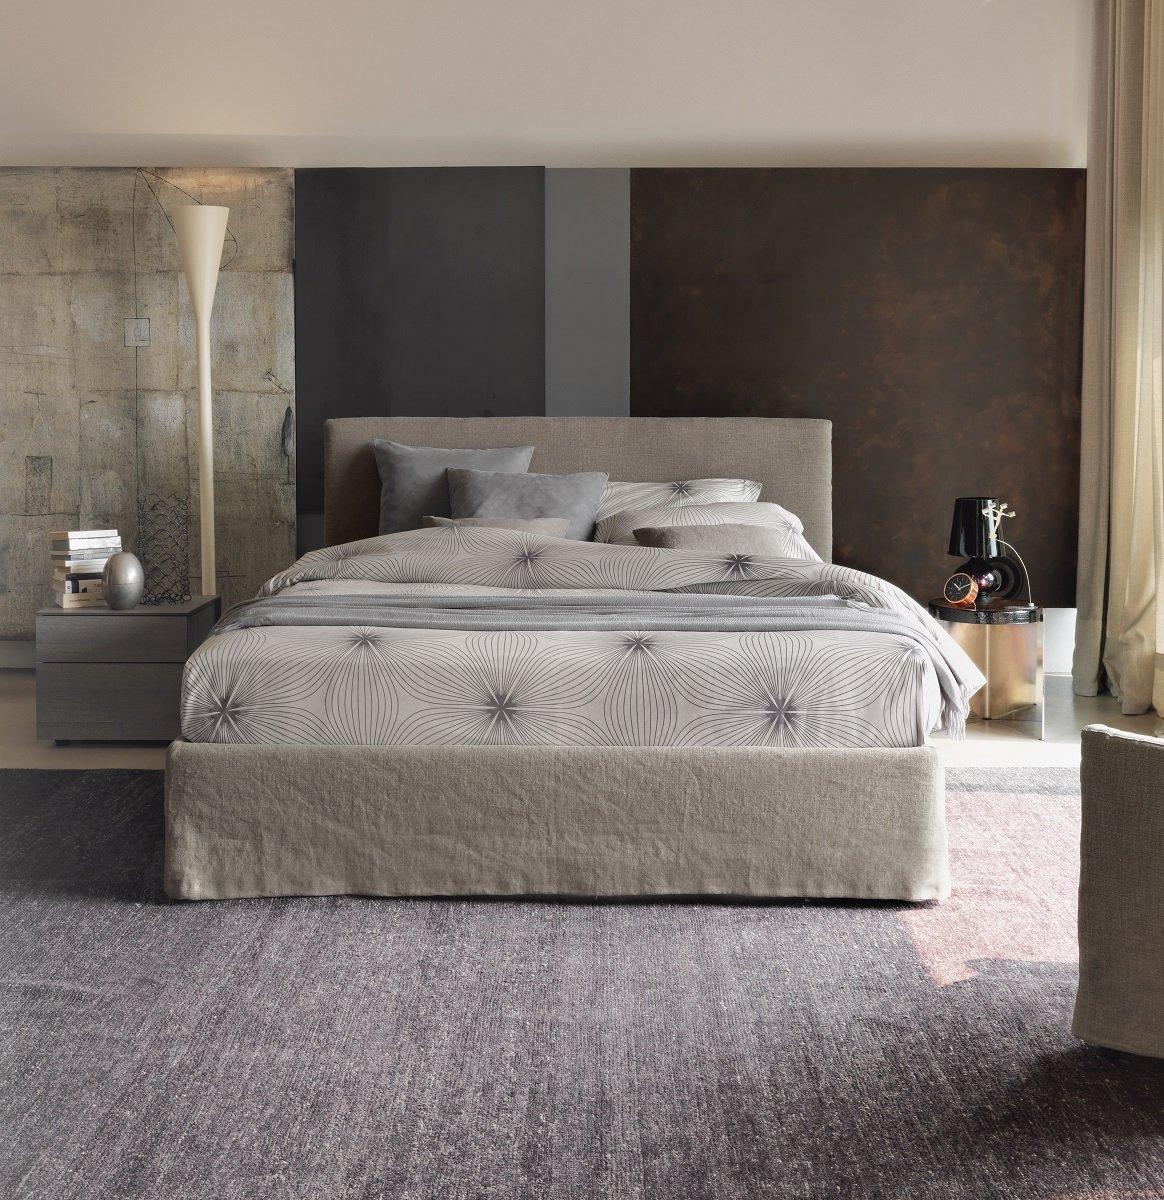 Promozione piumino in regalo se acquisti un letto cose - Letto notturno flou prezzo ...